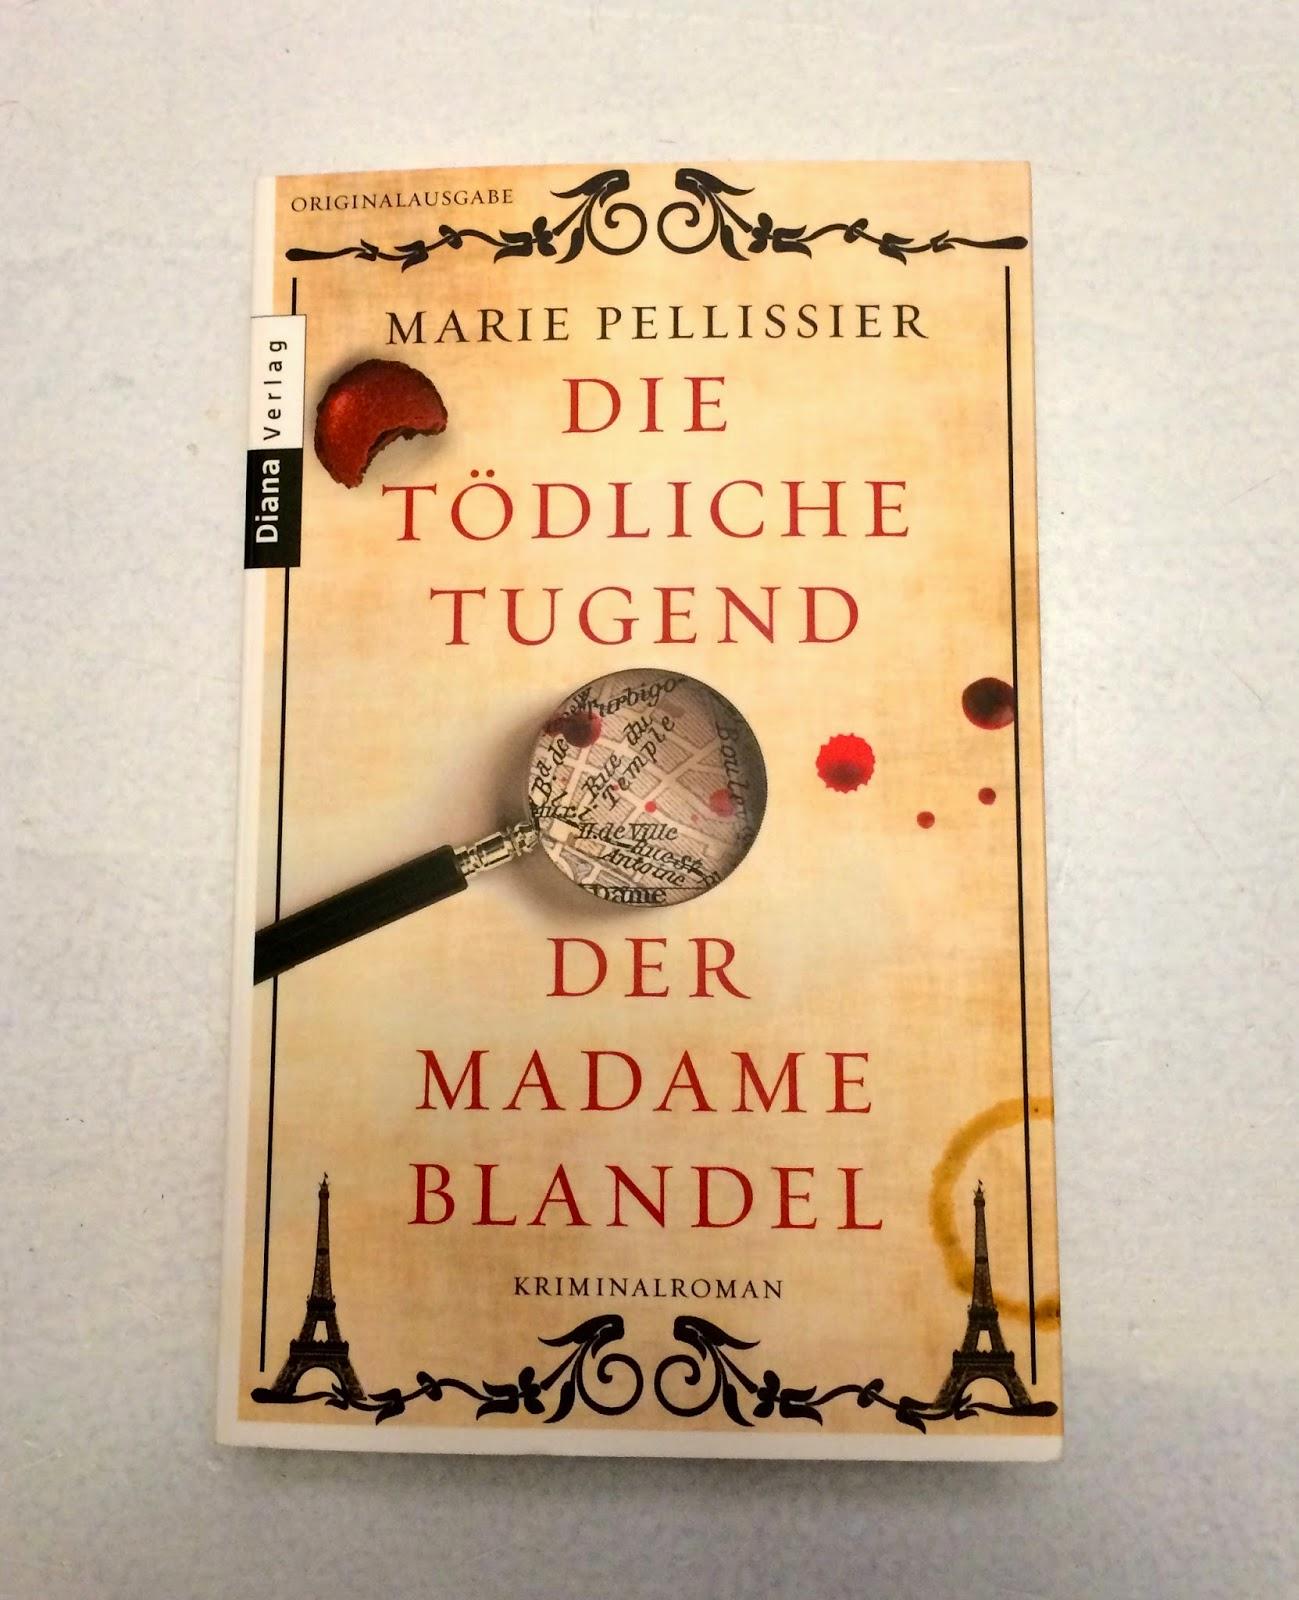 Rezension Die tödliche Tugend der Madame Blandel